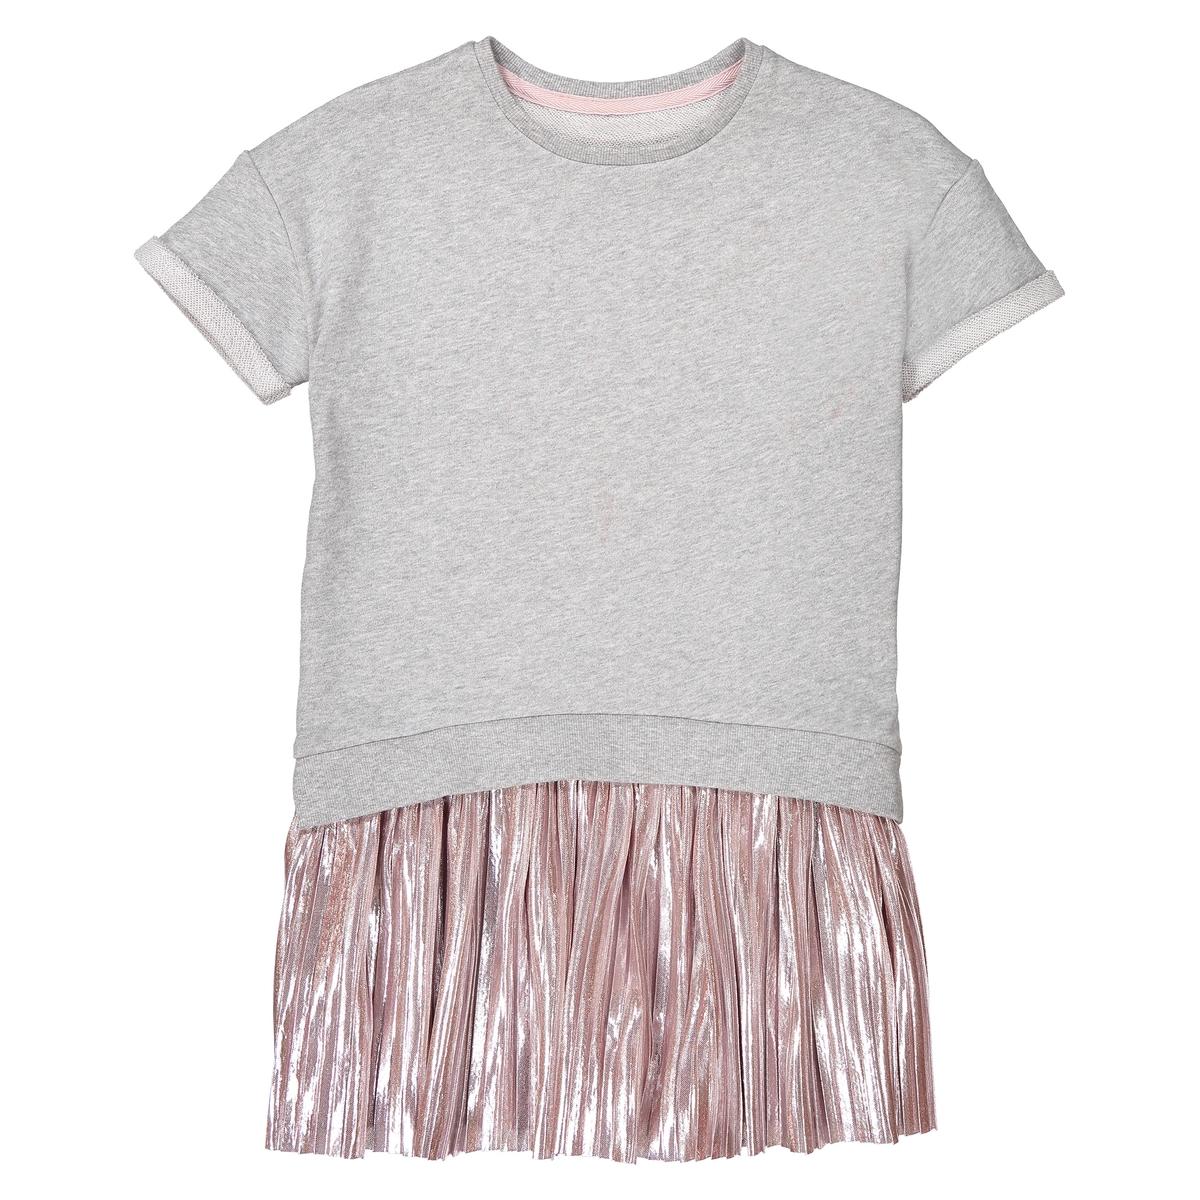 dual fabric dress, 3-12 years